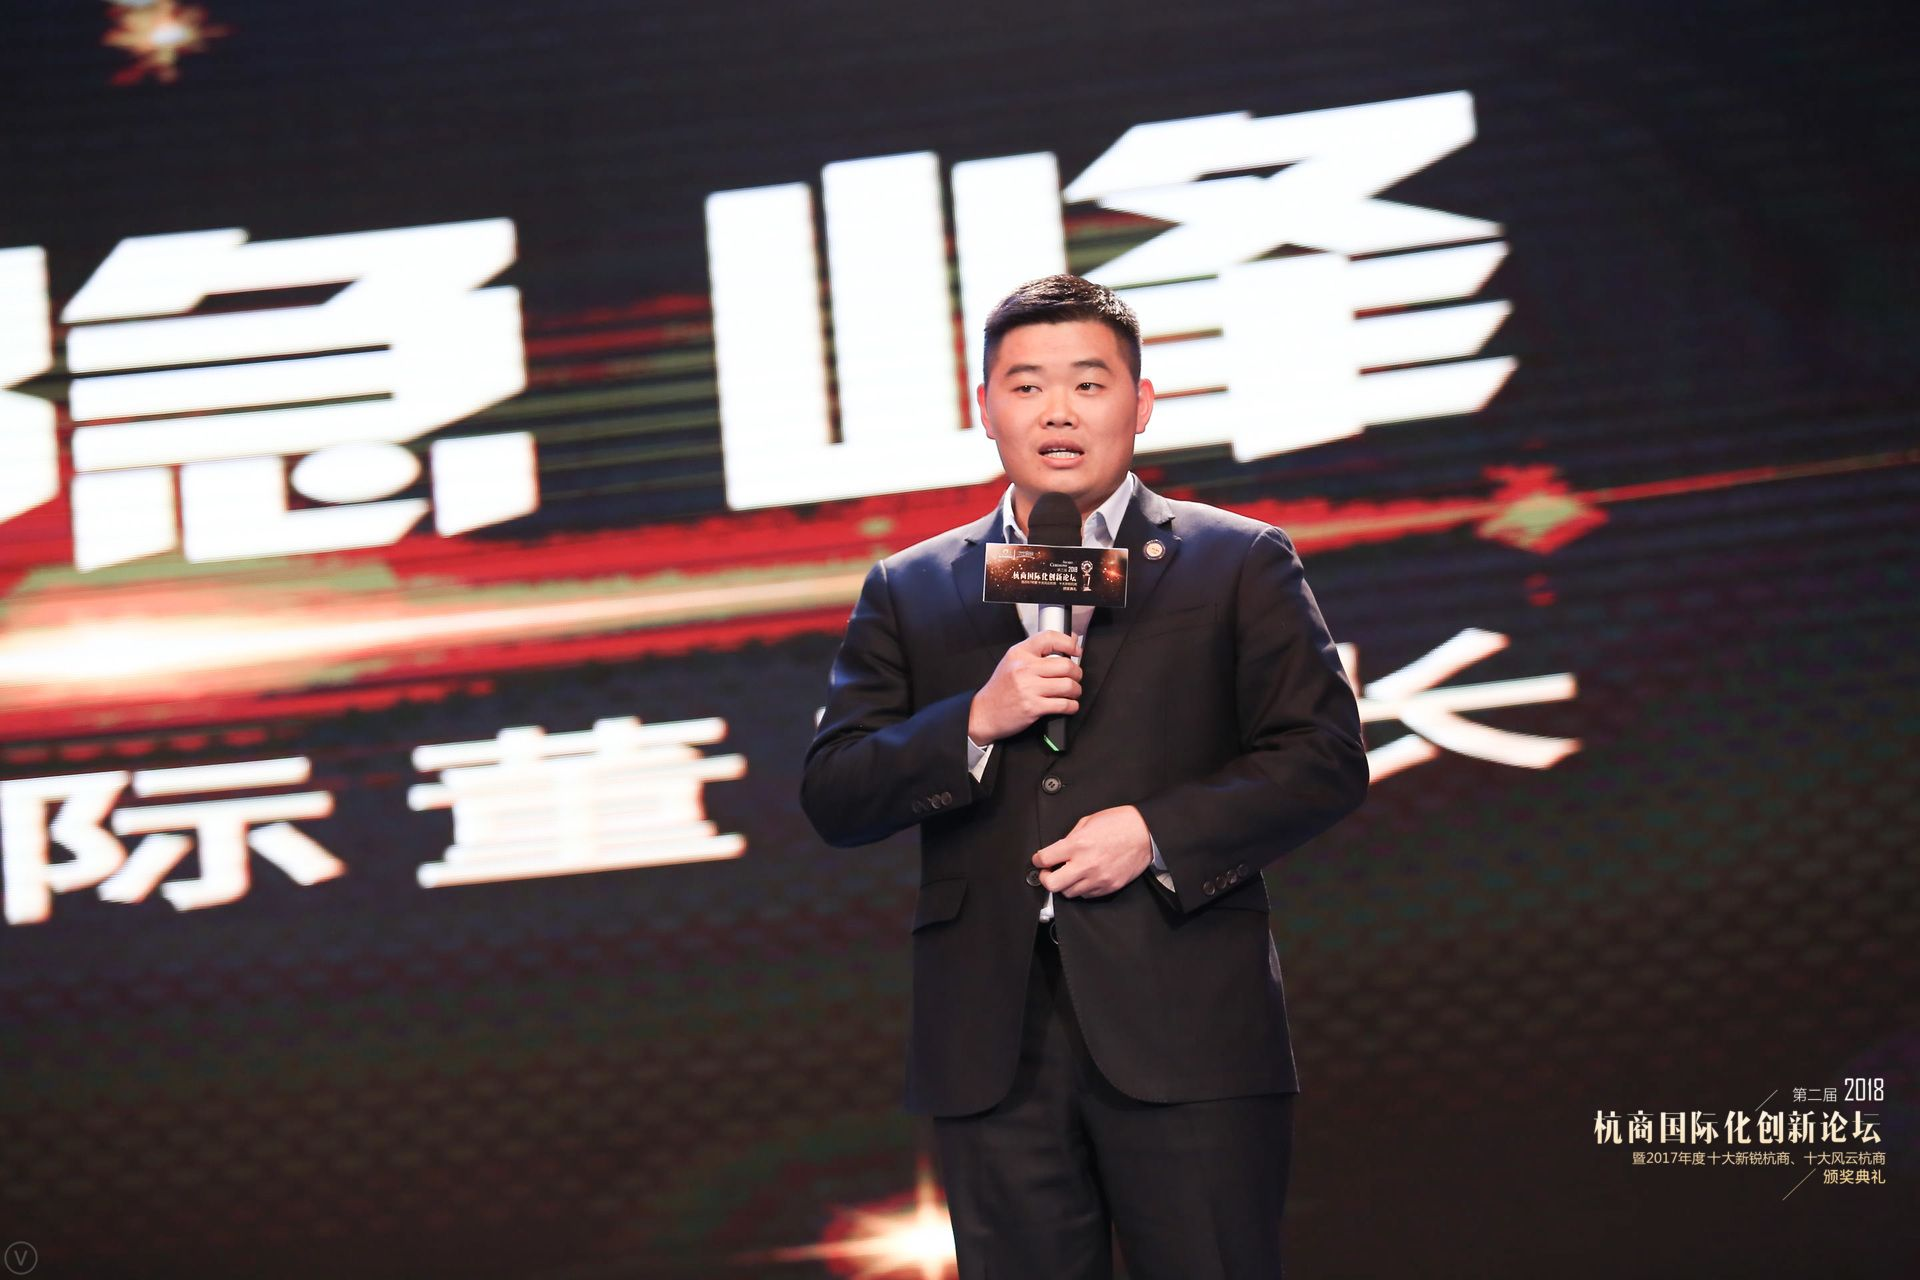 泛嘉董事长杨隐峰荣膺2017年度十大新锐杭商